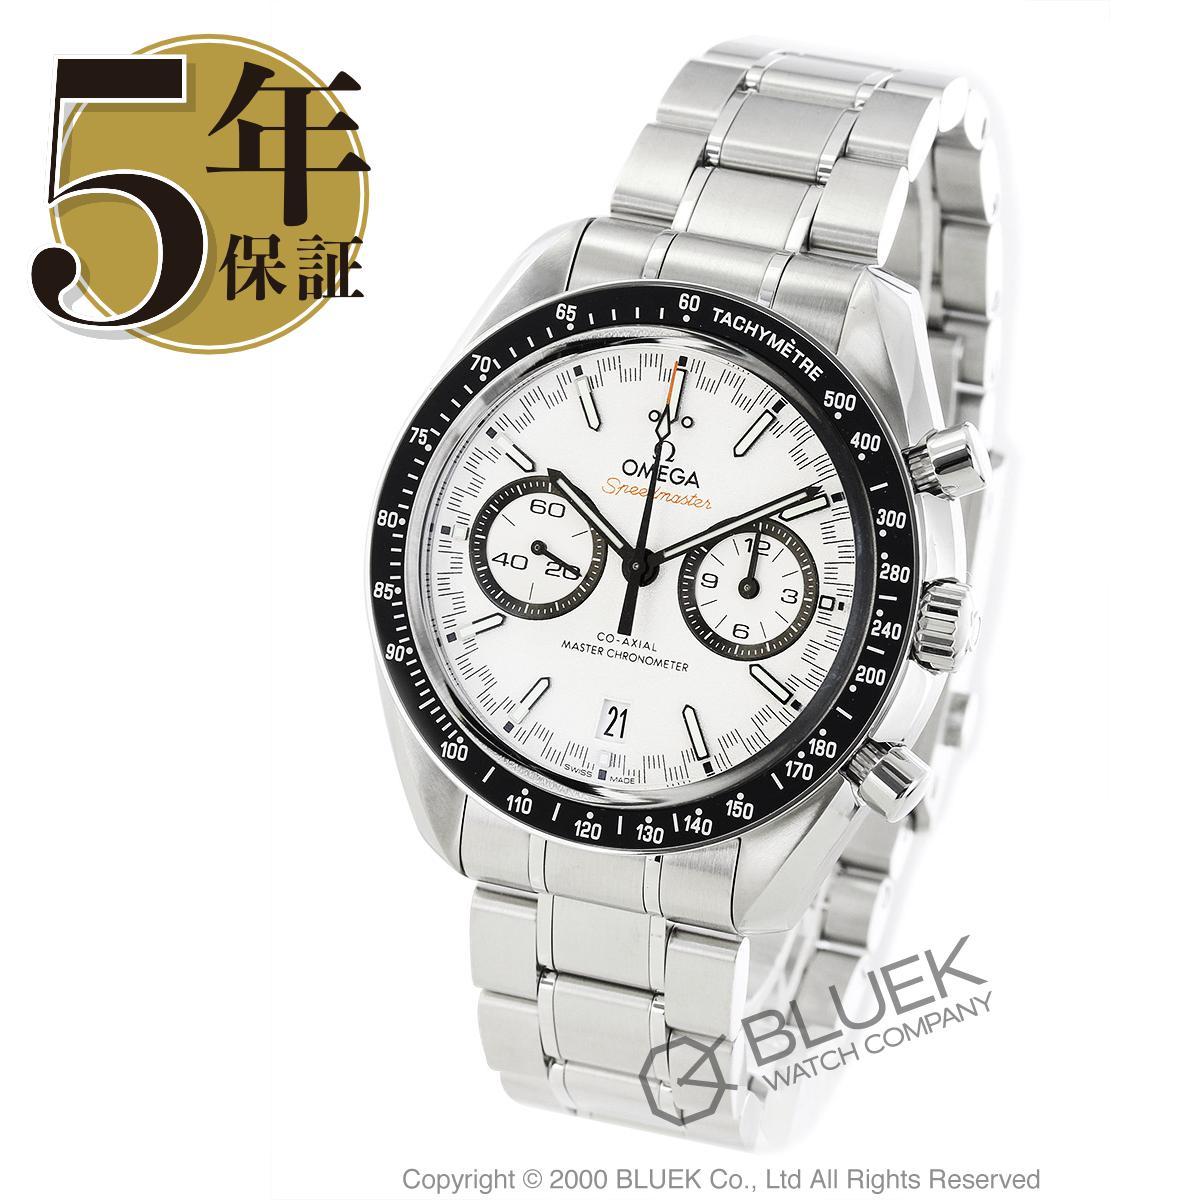 オメガ スピードマスター レーシング マスタークロノメーター クロノグラフ 腕時計 メンズ OMEGA 329.30.44.51.04.001_5